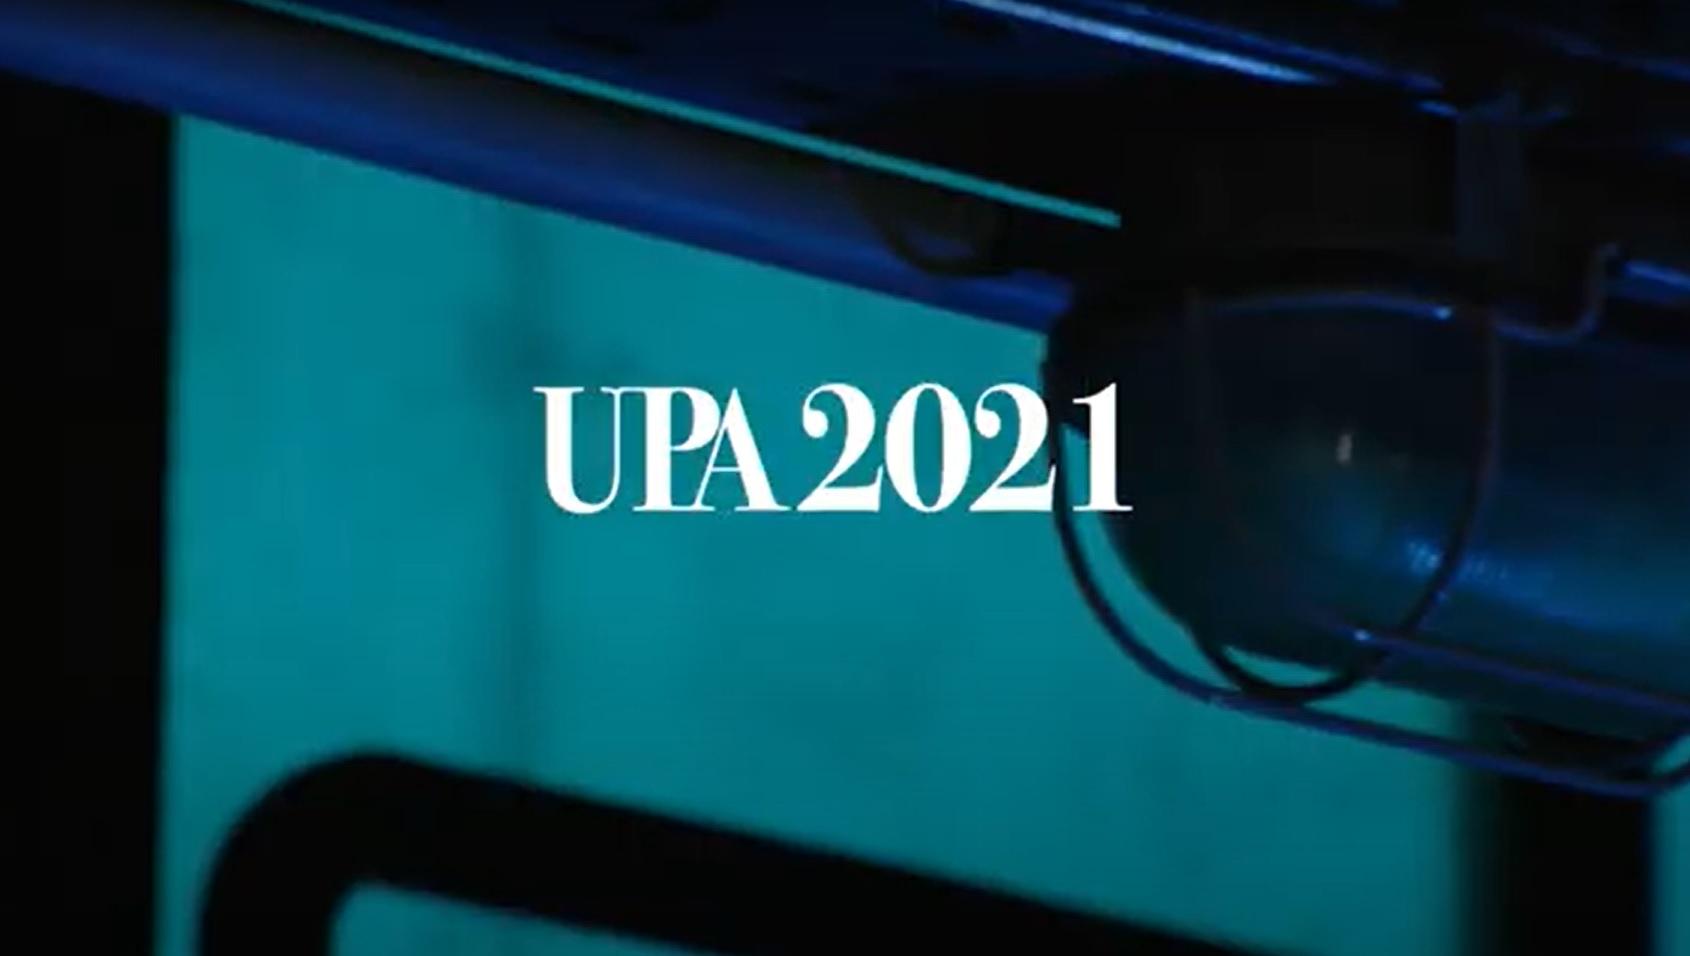 upa 2021